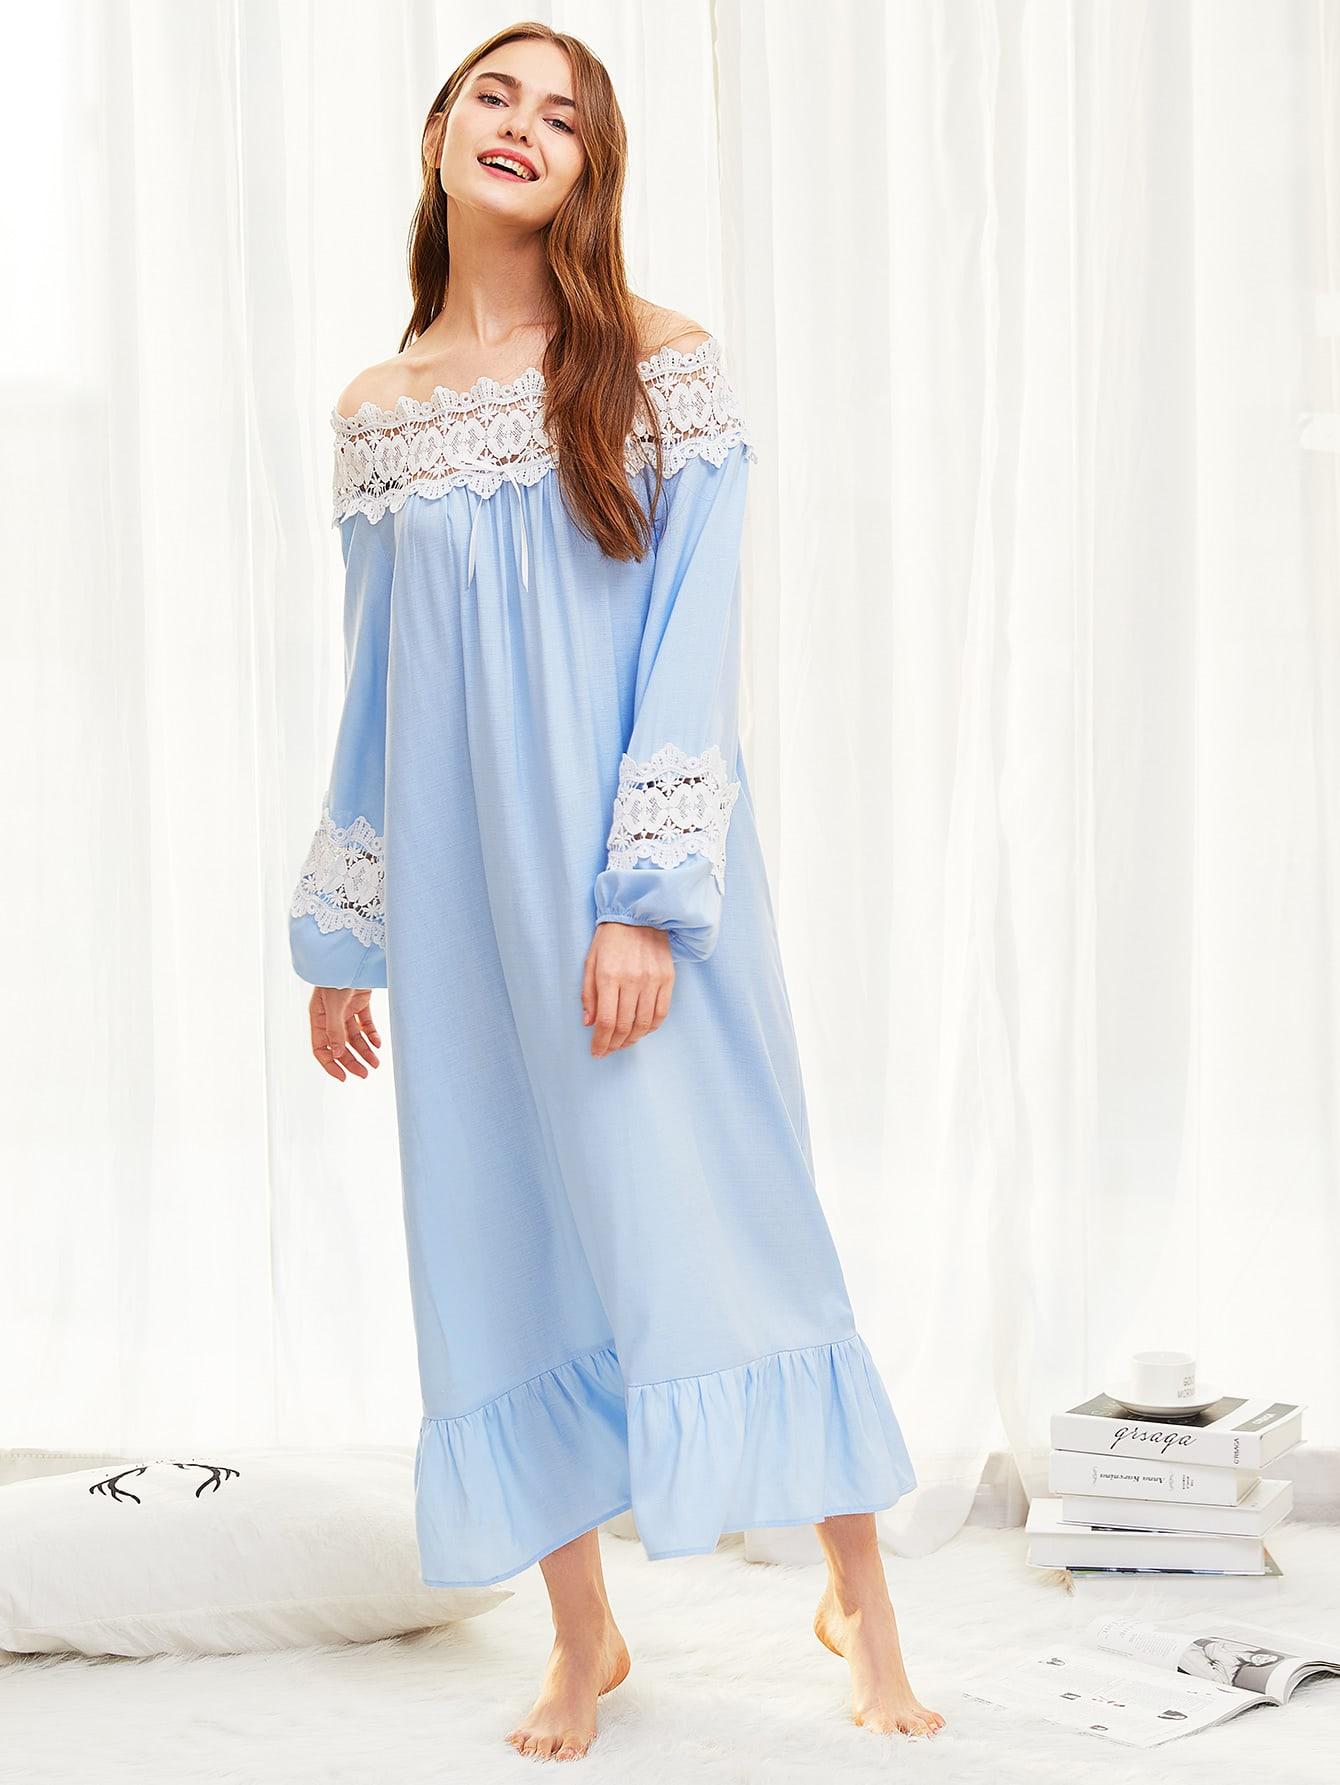 Lace Insert Ruffle Hem Night Dress lace insert tiered ruffle hem blouse